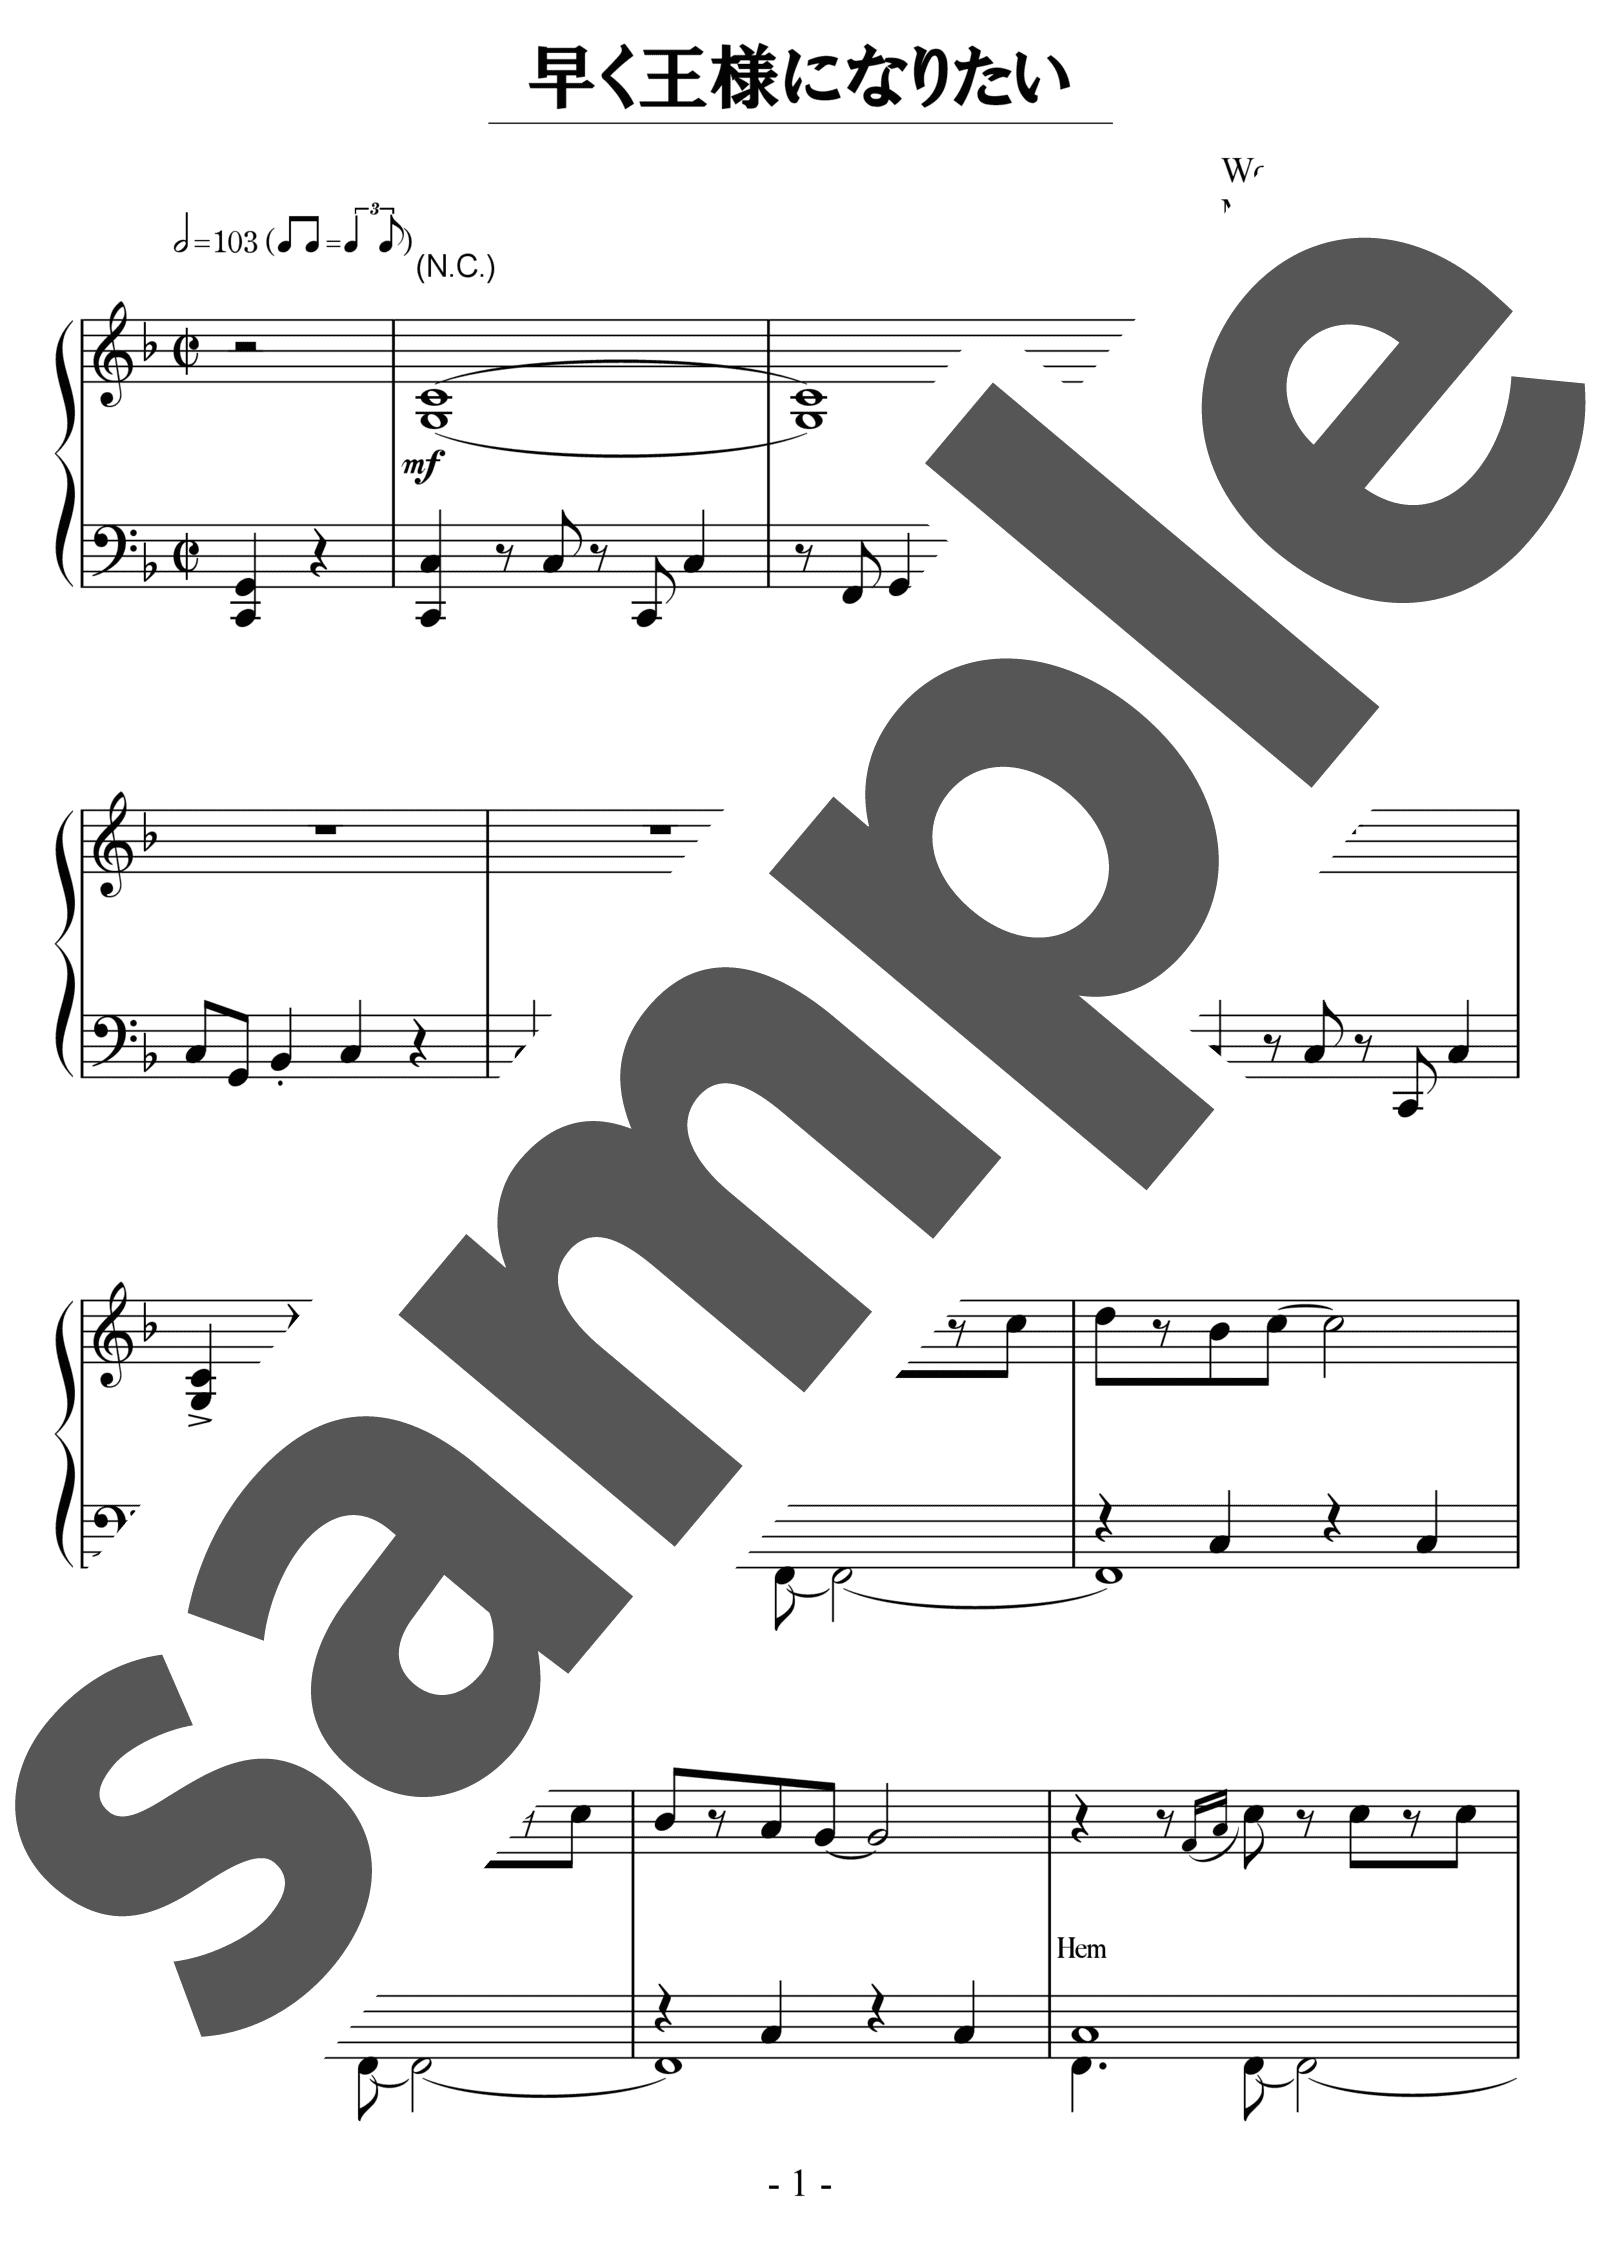 「早く王様になりたい」のサンプル楽譜